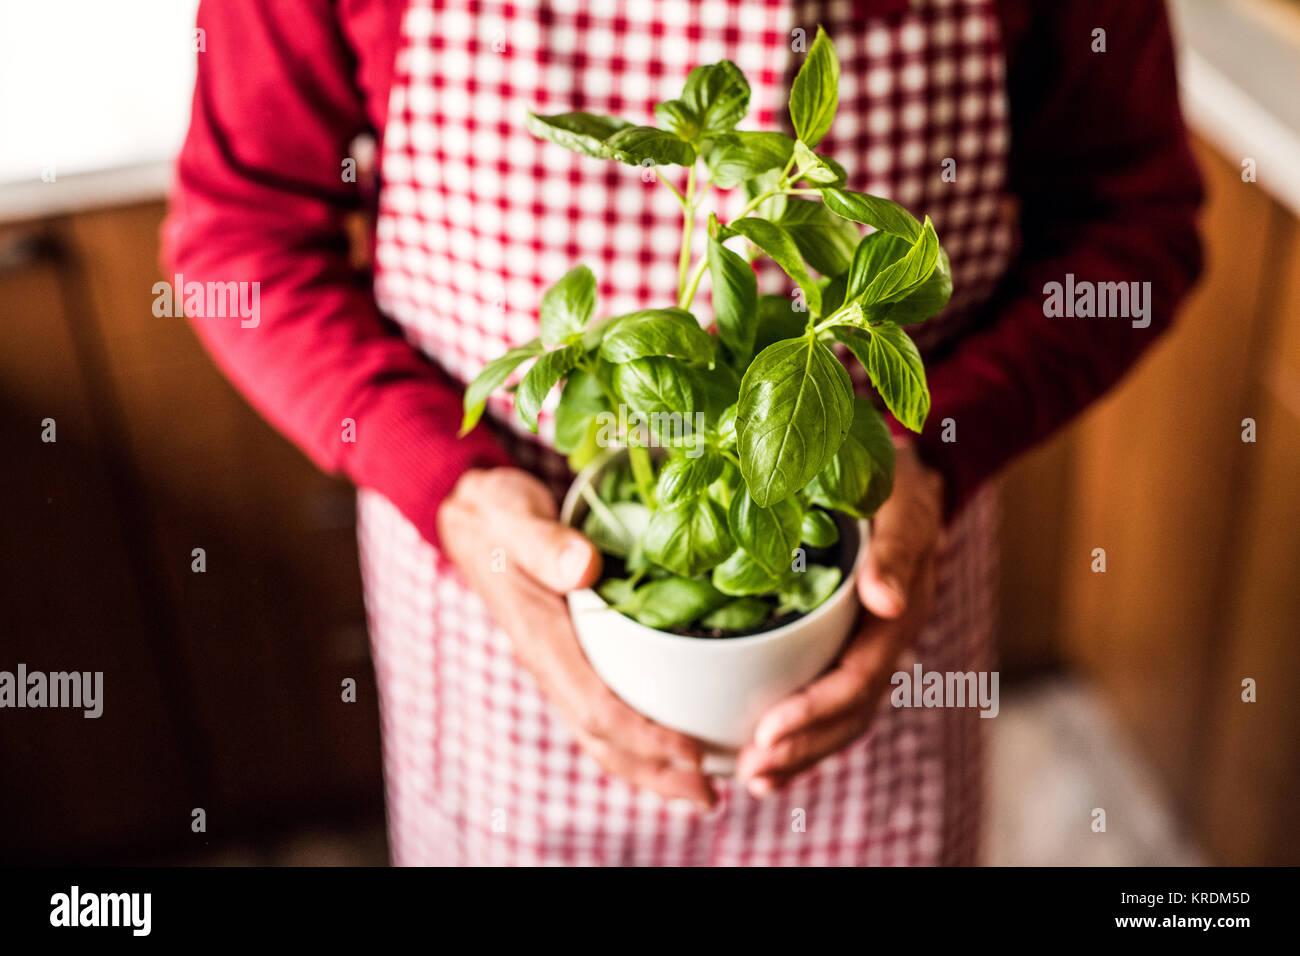 Ältere Menschen die Zubereitung von Speisen in der Küche. Stockbild